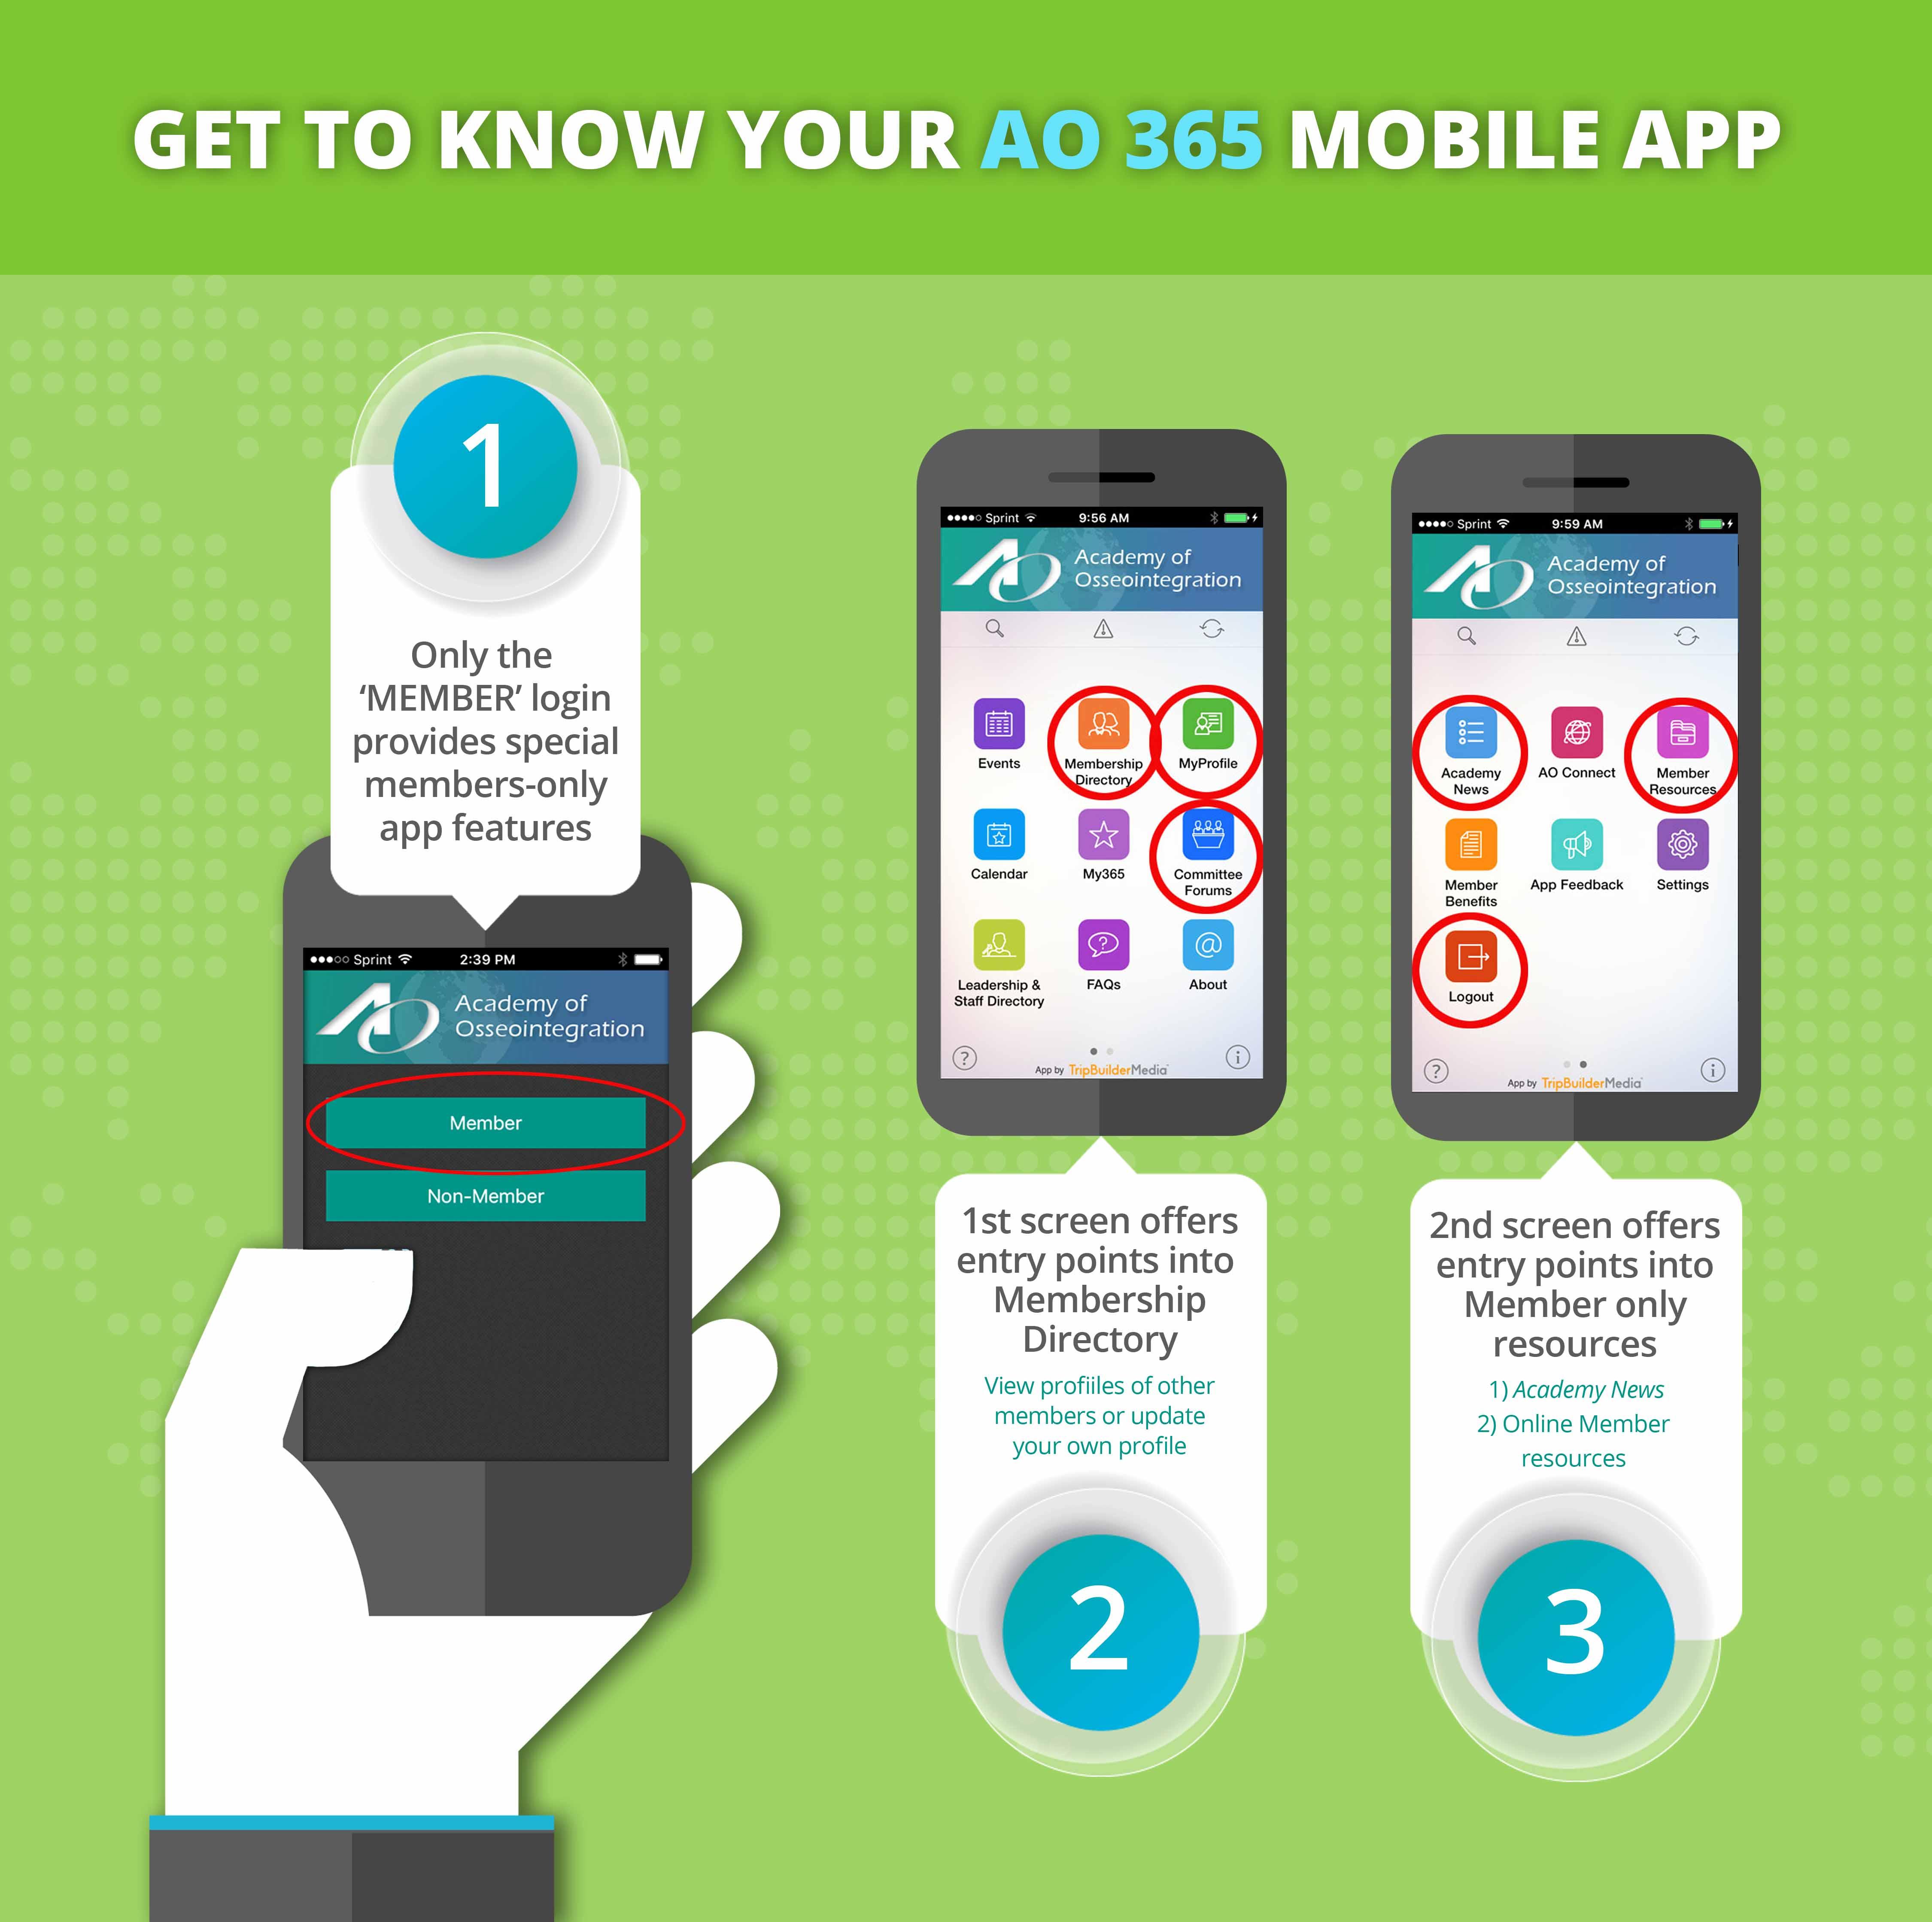 AO 365 Mobile App - Academy of Osseointegration